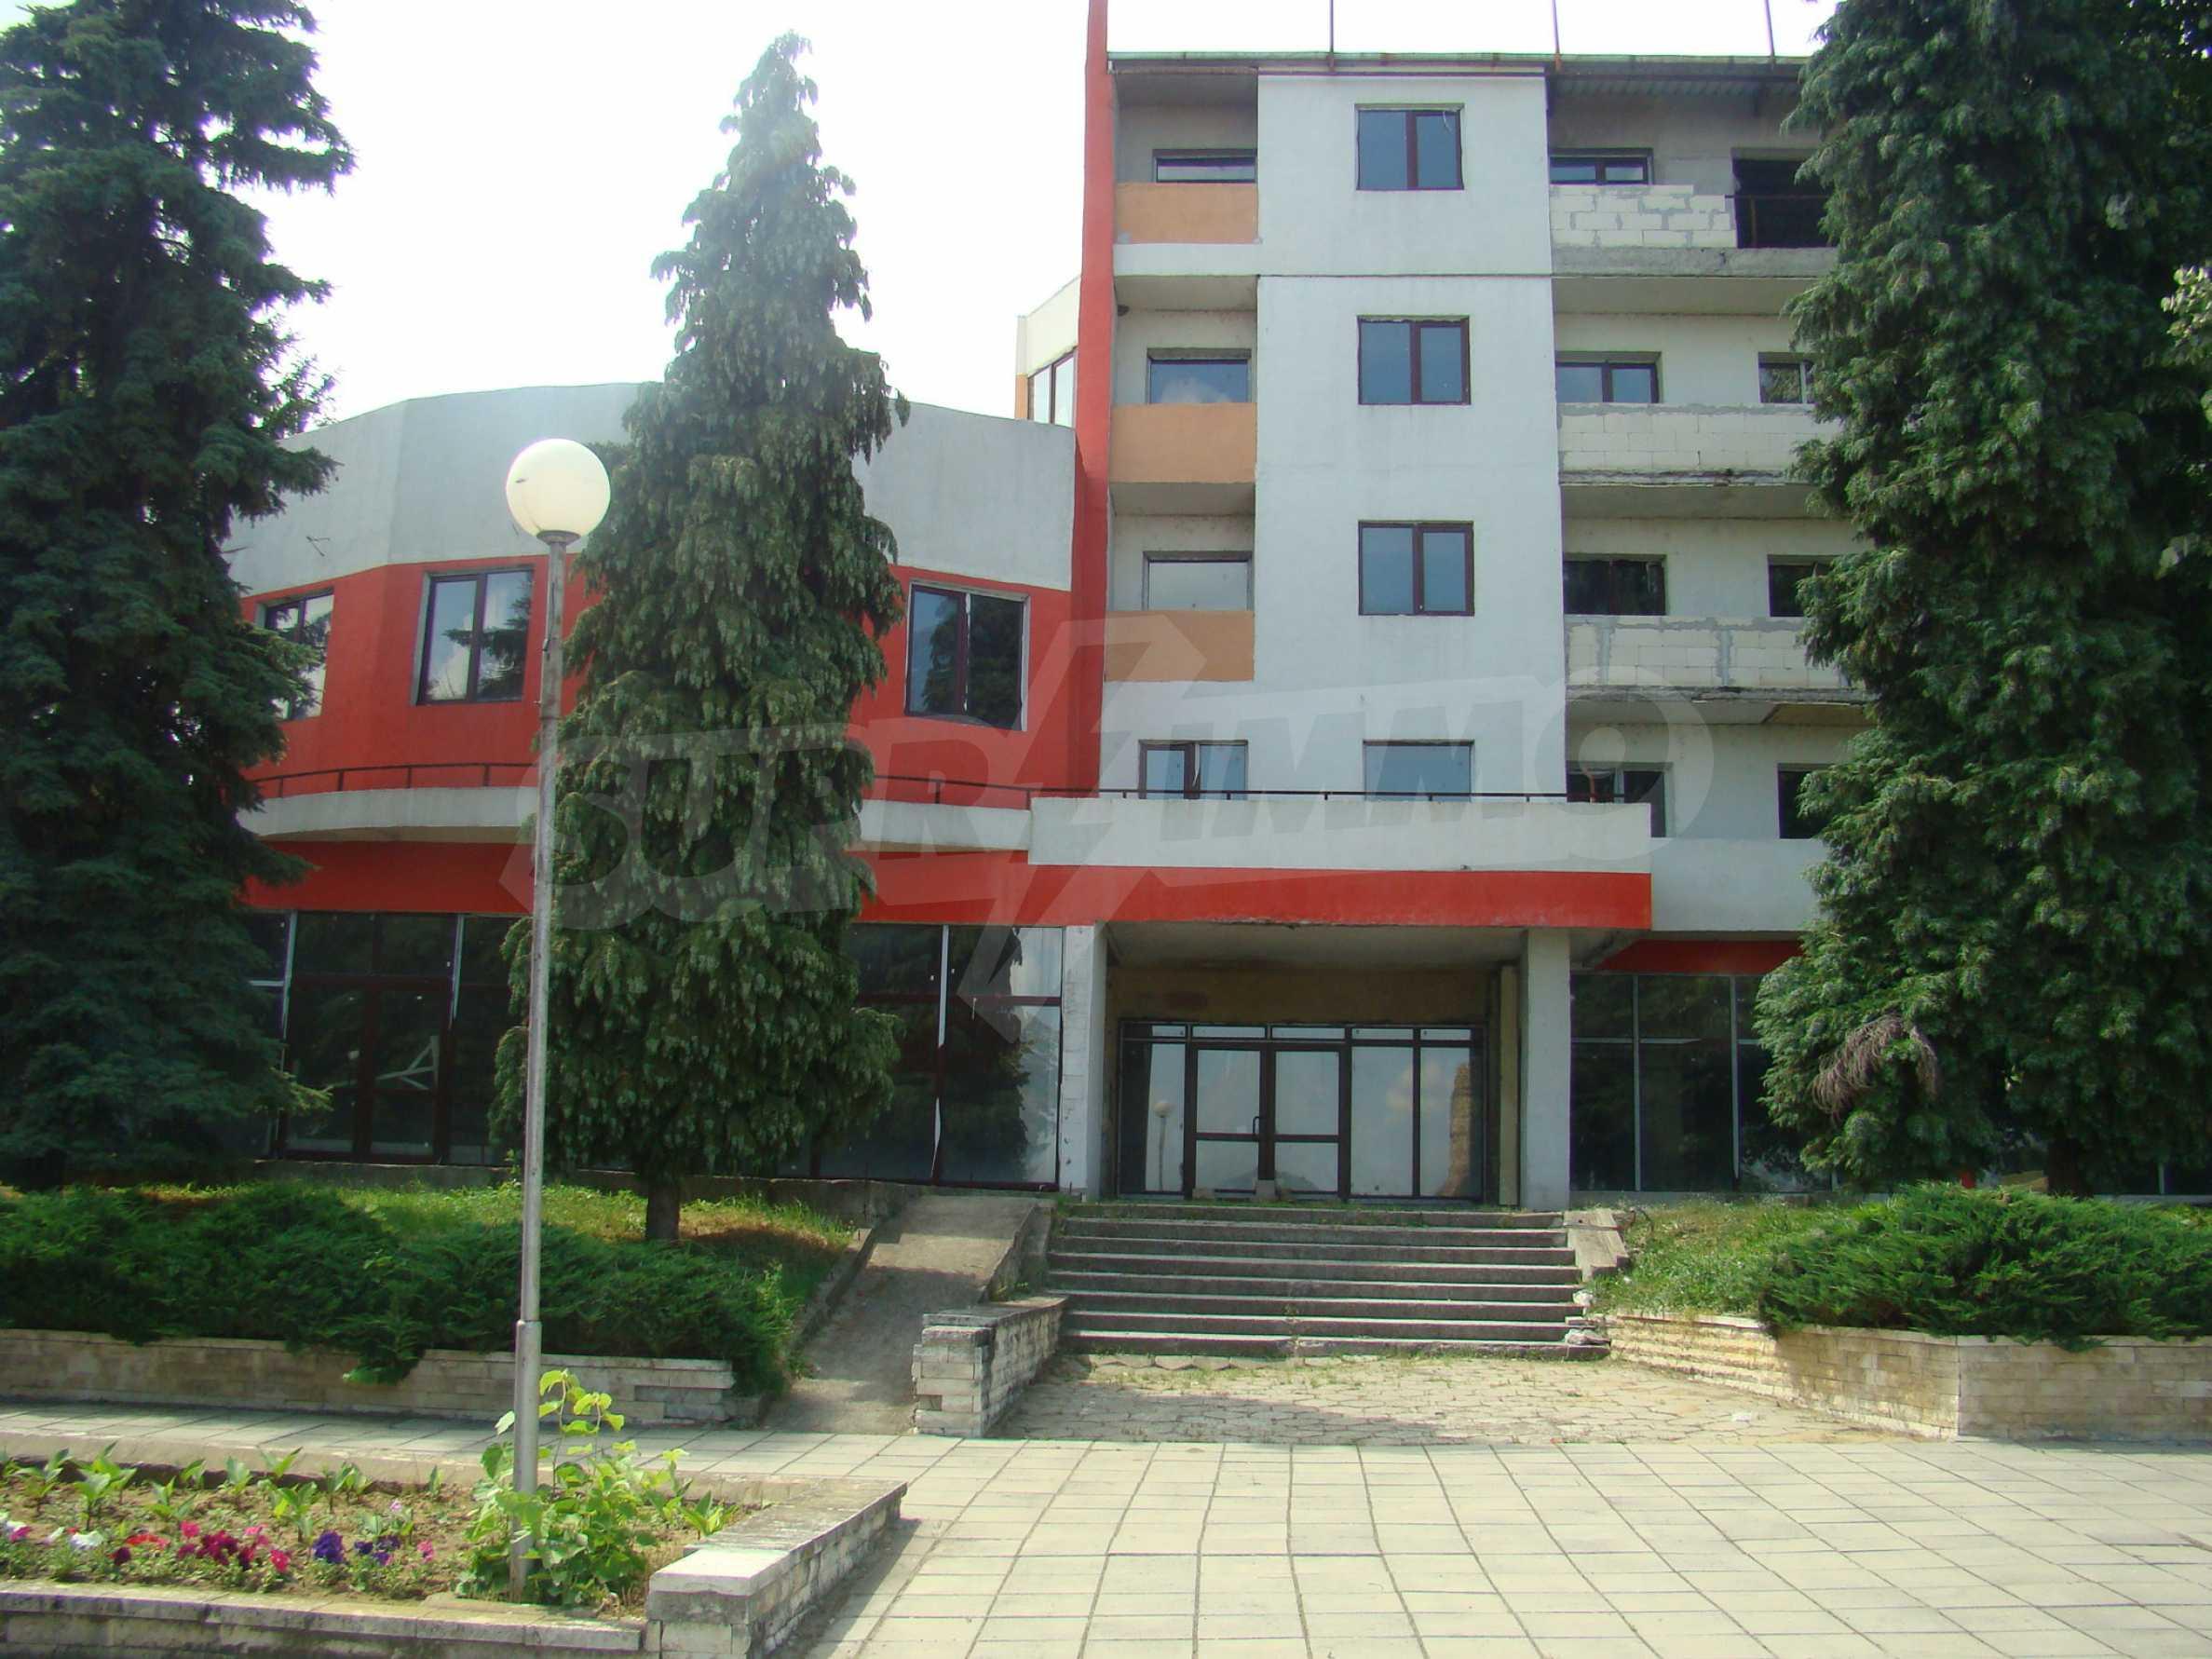 Сграда за инвестиция в центъра на град Кула 10